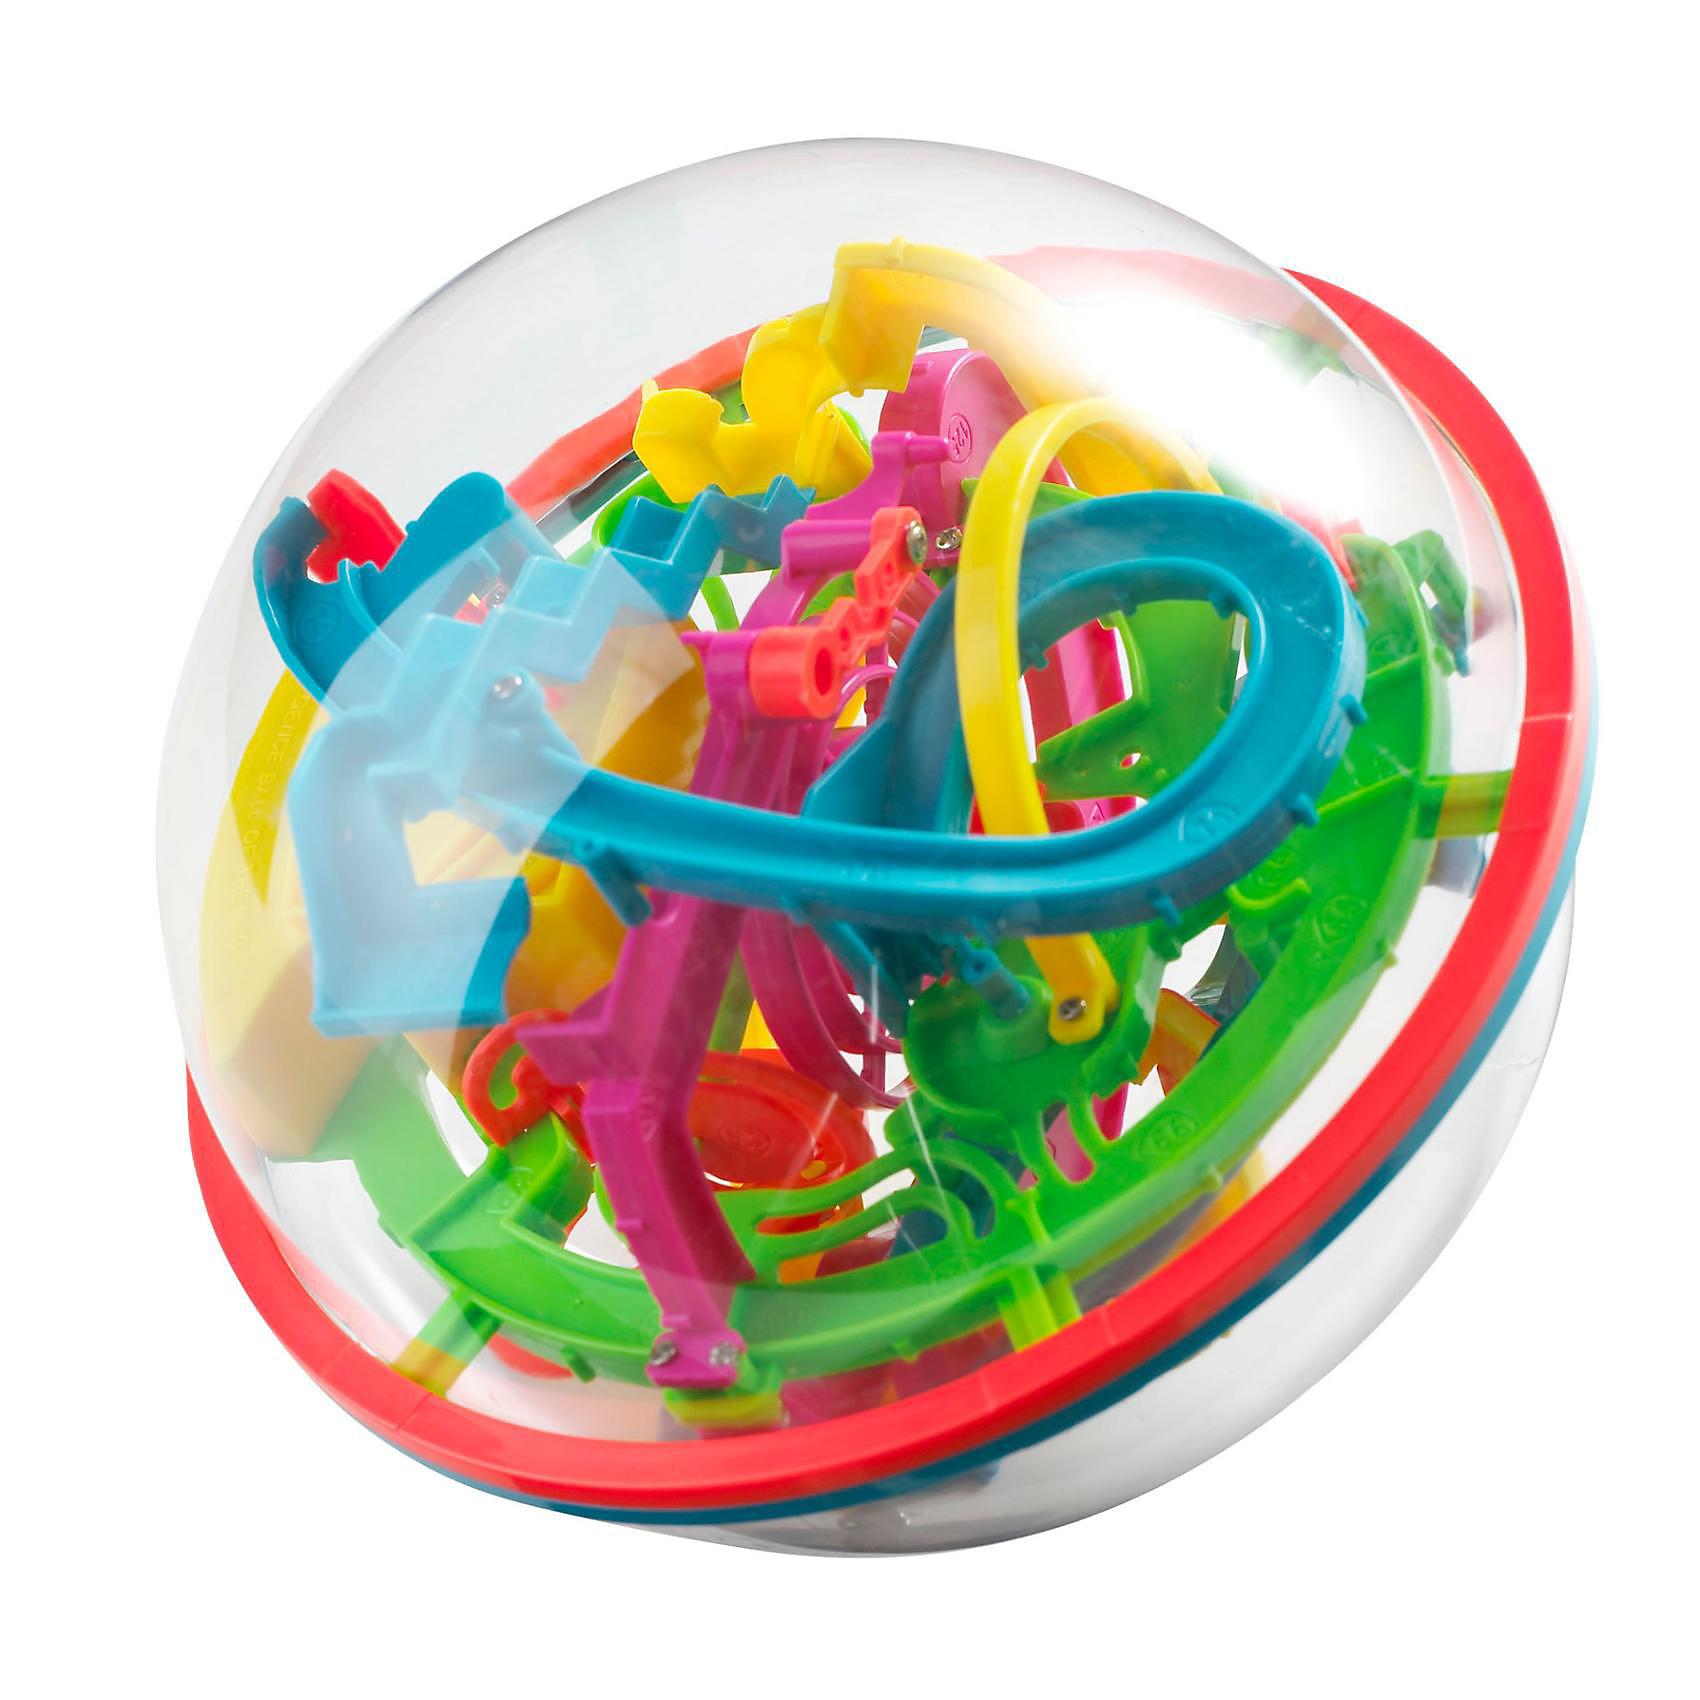 Addict-A-Ball 20 cm (Puzzle-Ball und Geduldsspiel mit 138 Spielstufen)